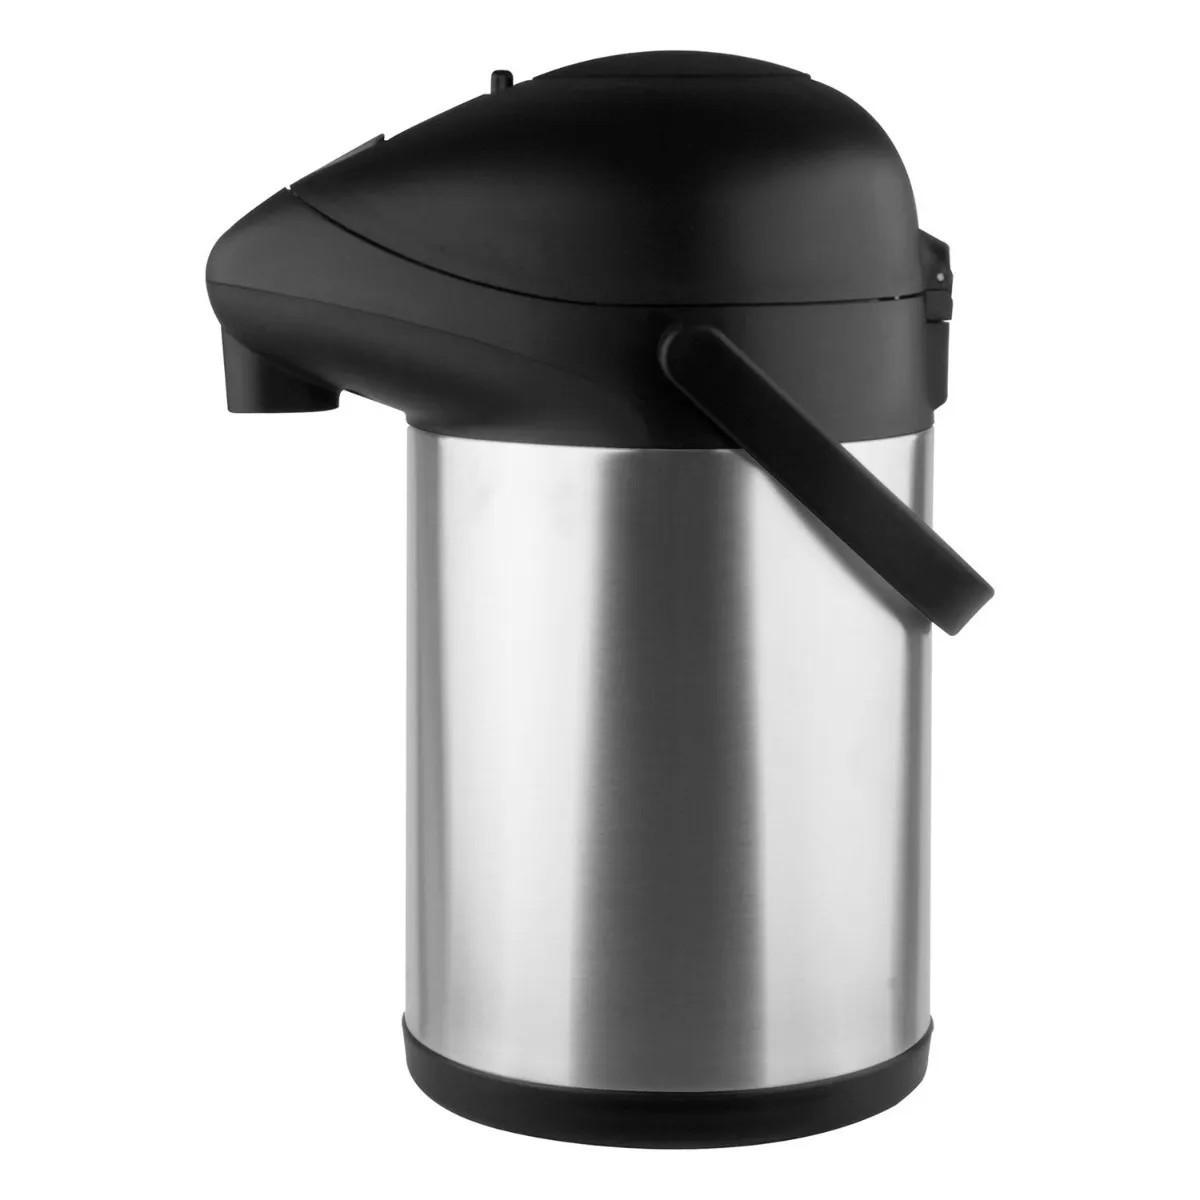 Garrafa Termica de Café Leite Chá em Aço Inox Pressao Trix 3,5 L Tp6505 - Termopro